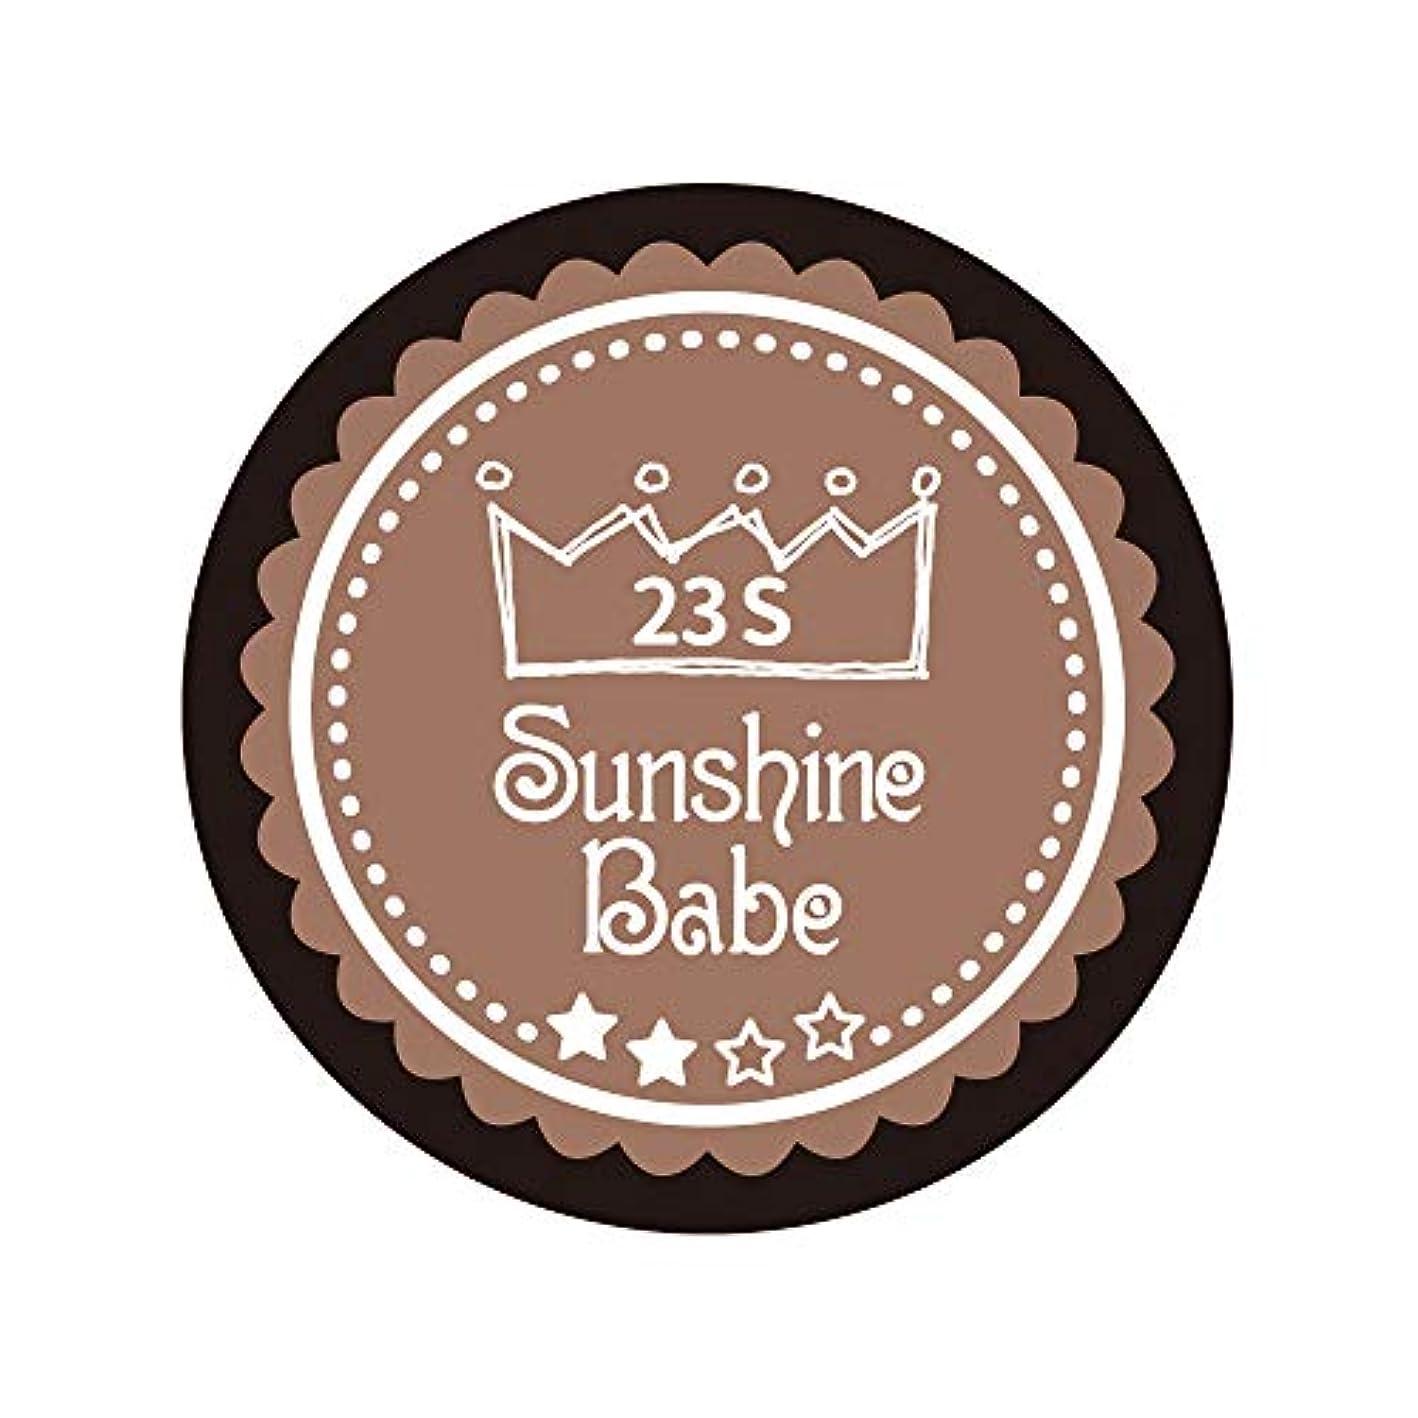 入浴保証金温かいSunshine Babe カラージェル 23S パティキュリエール 2.7g UV/LED対応